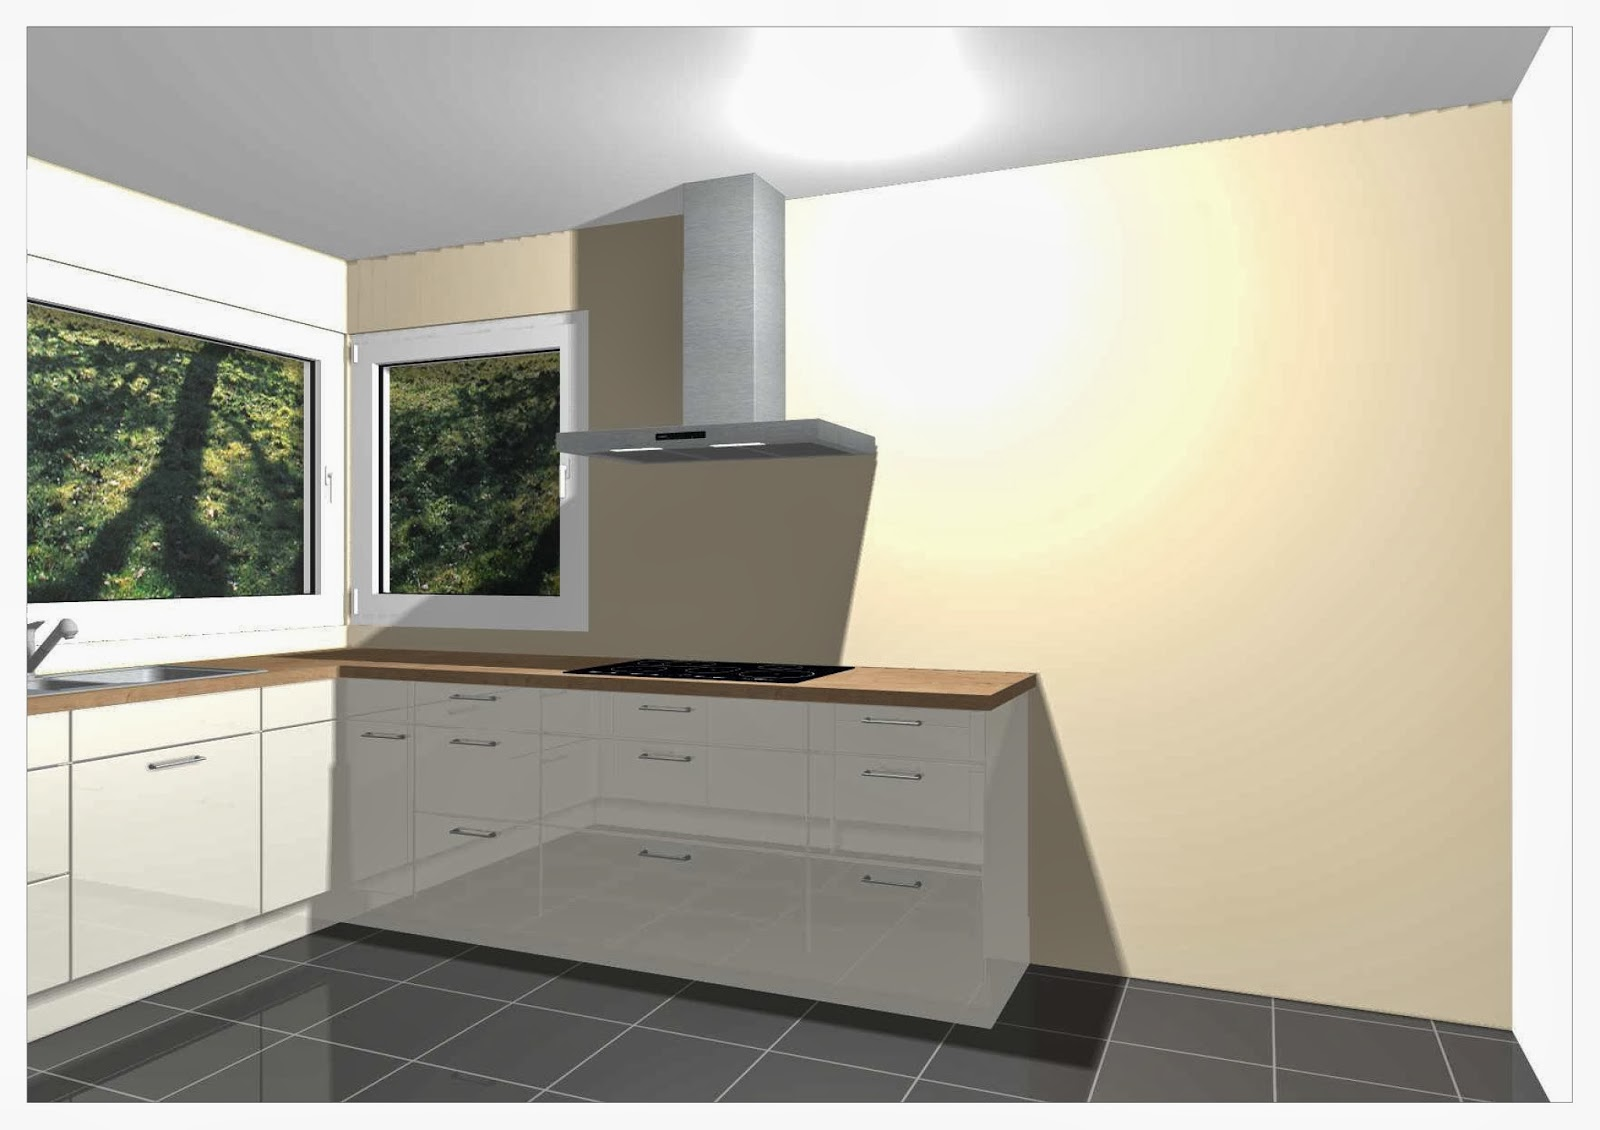 tcm bauen ein haus unsere k che ist fertig. Black Bedroom Furniture Sets. Home Design Ideas